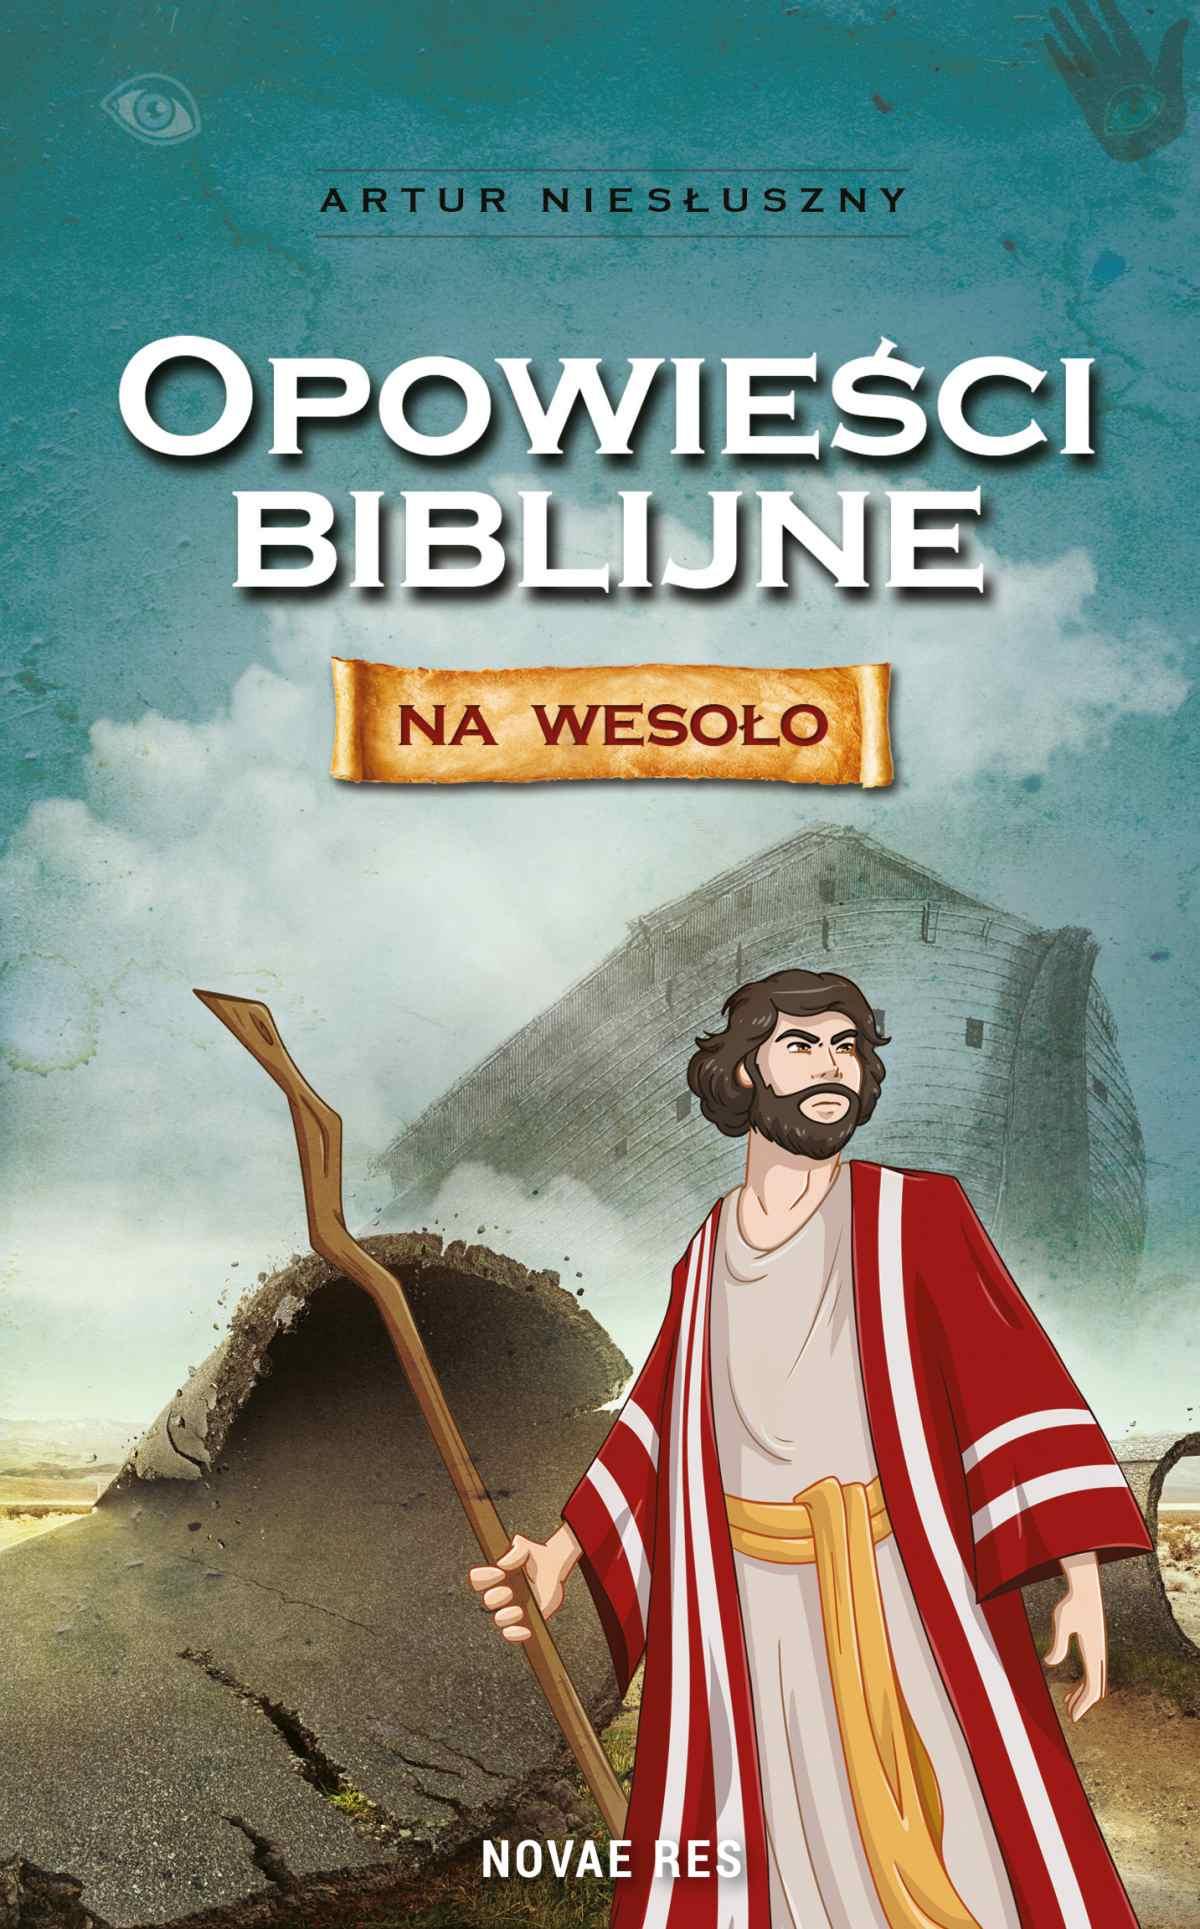 Opowieści biblijne na wesoło - Ebook (Książka na Kindle) do pobrania w formacie MOBI